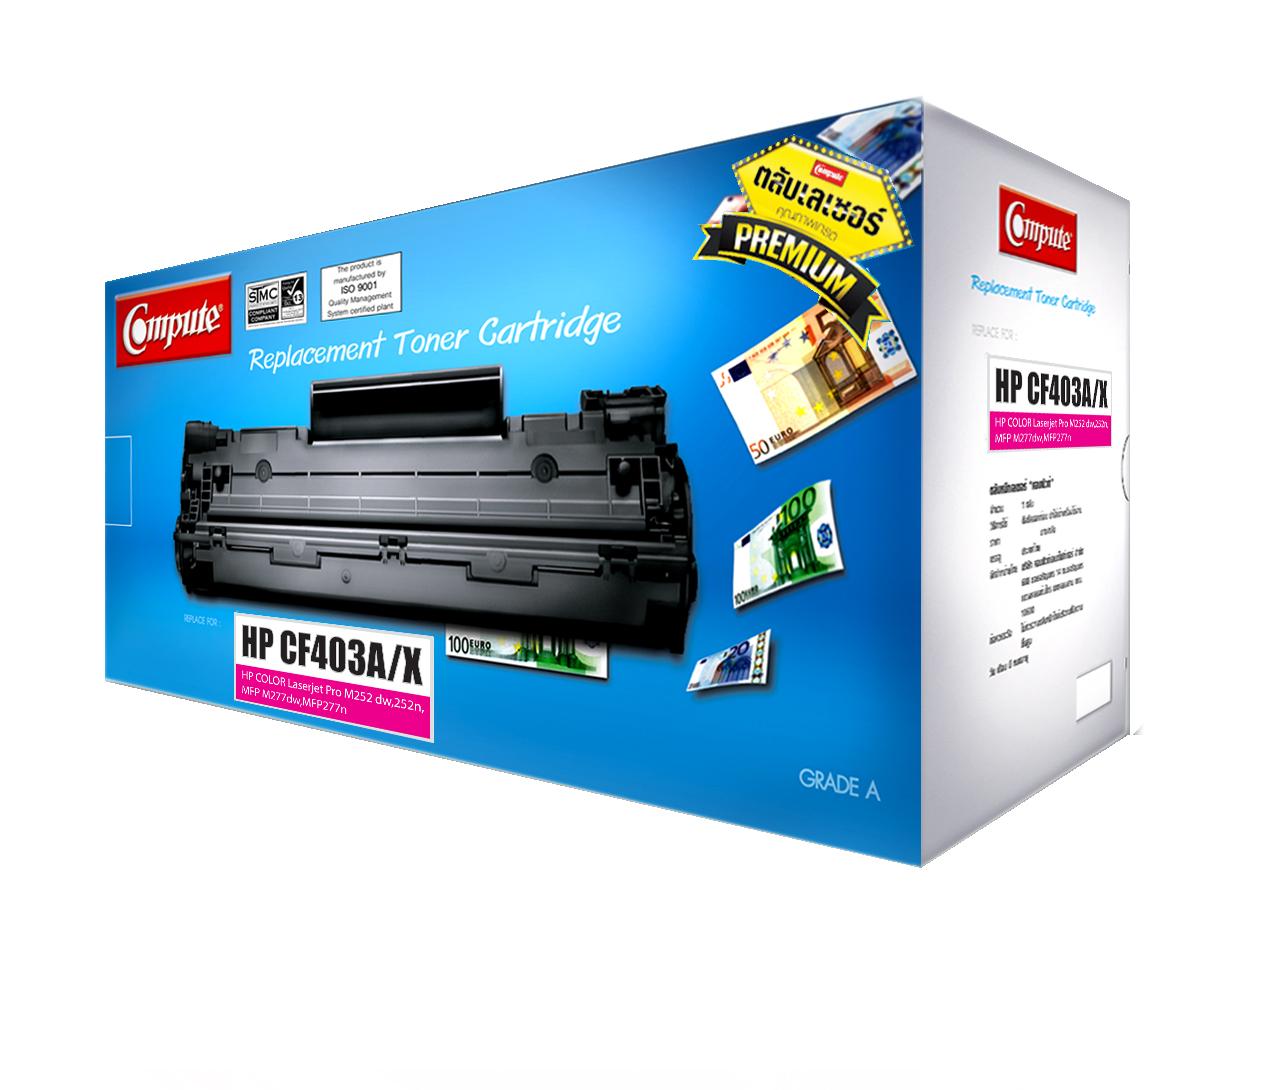 ตลับหมึกเลเซอร์ HP 201A/ 201X, CF403A/ CF403X (Magenta) Compute (Toner Cartridge)